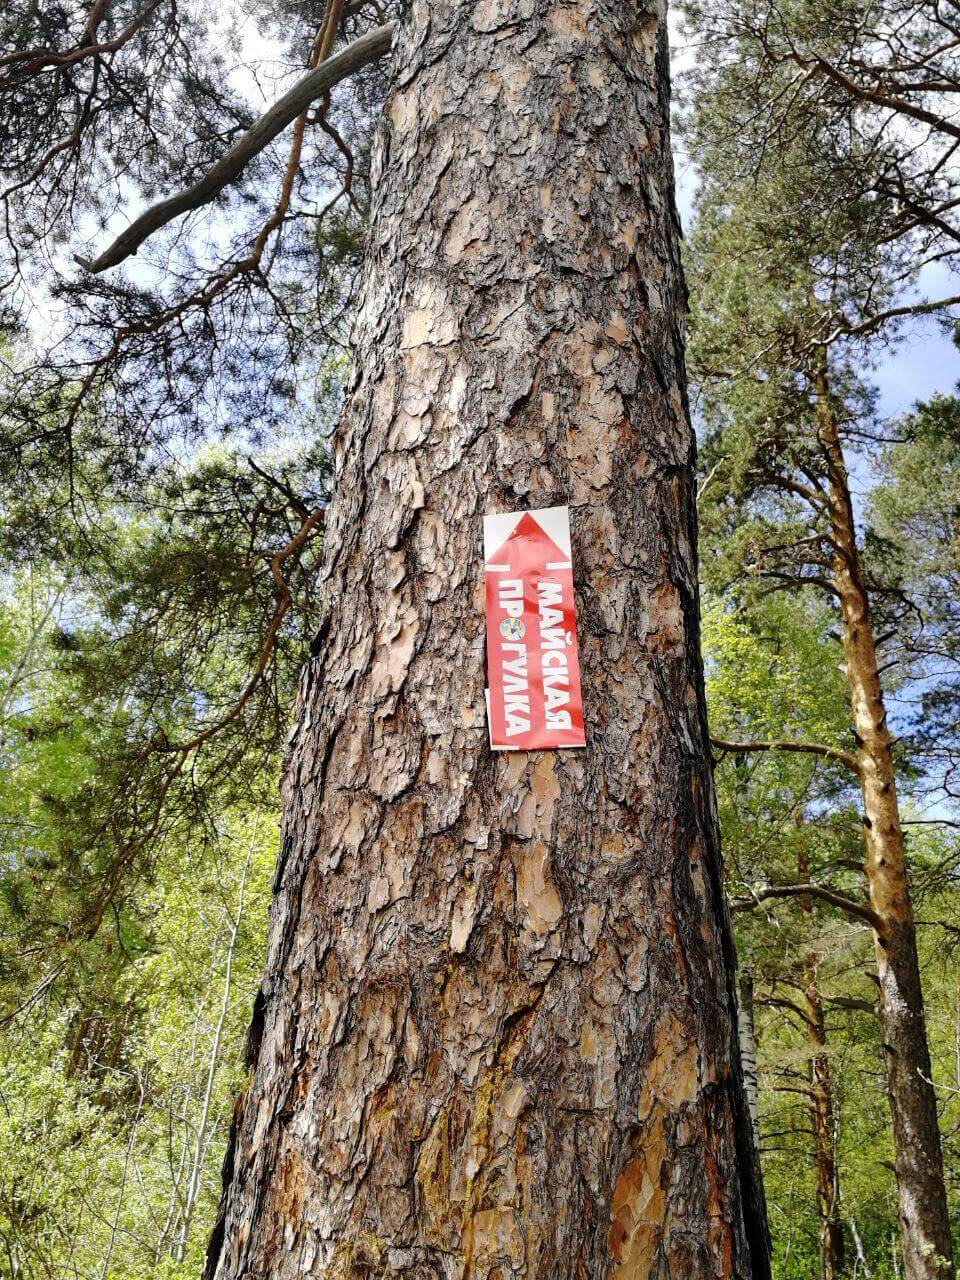 Организаторы Майской прогулки расклеили стрелки на деревьях